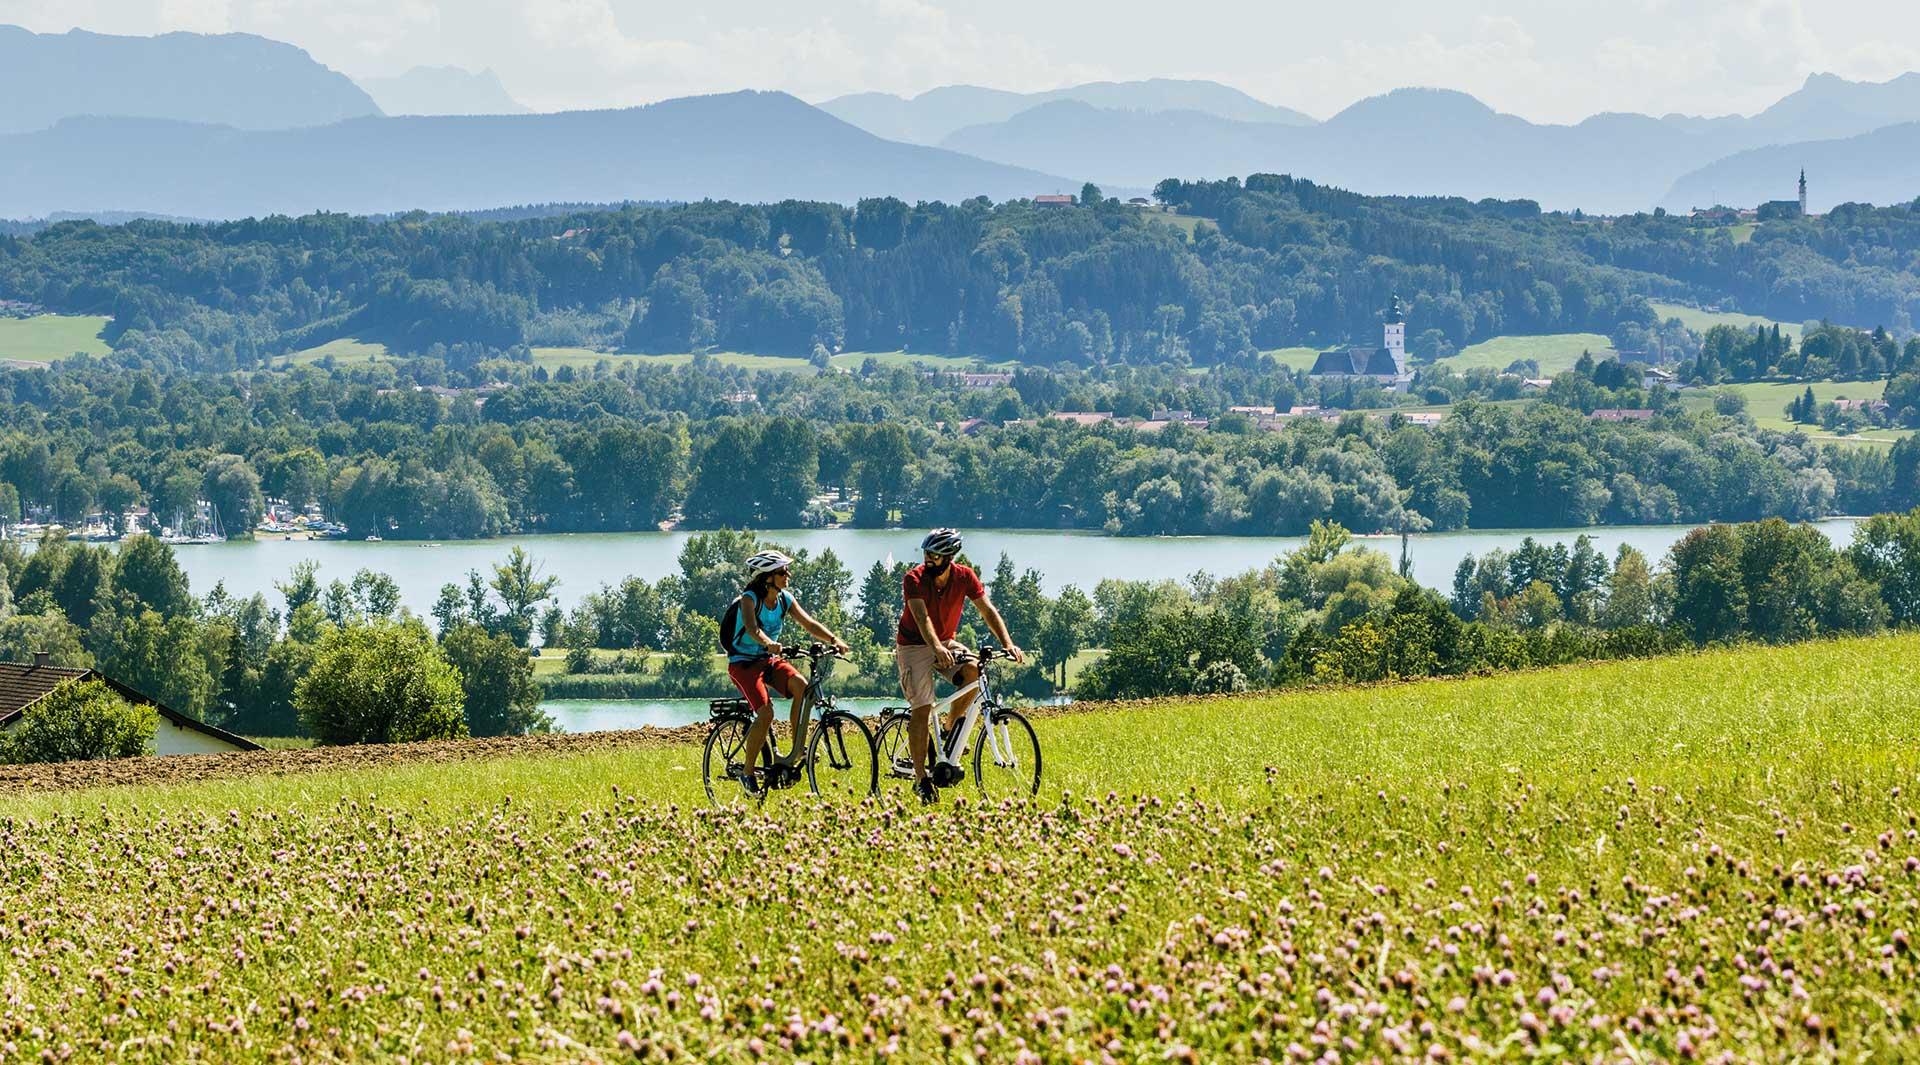 Radfahren im Chiemgau - Copyright by Chiemgau Tourismus e. V.